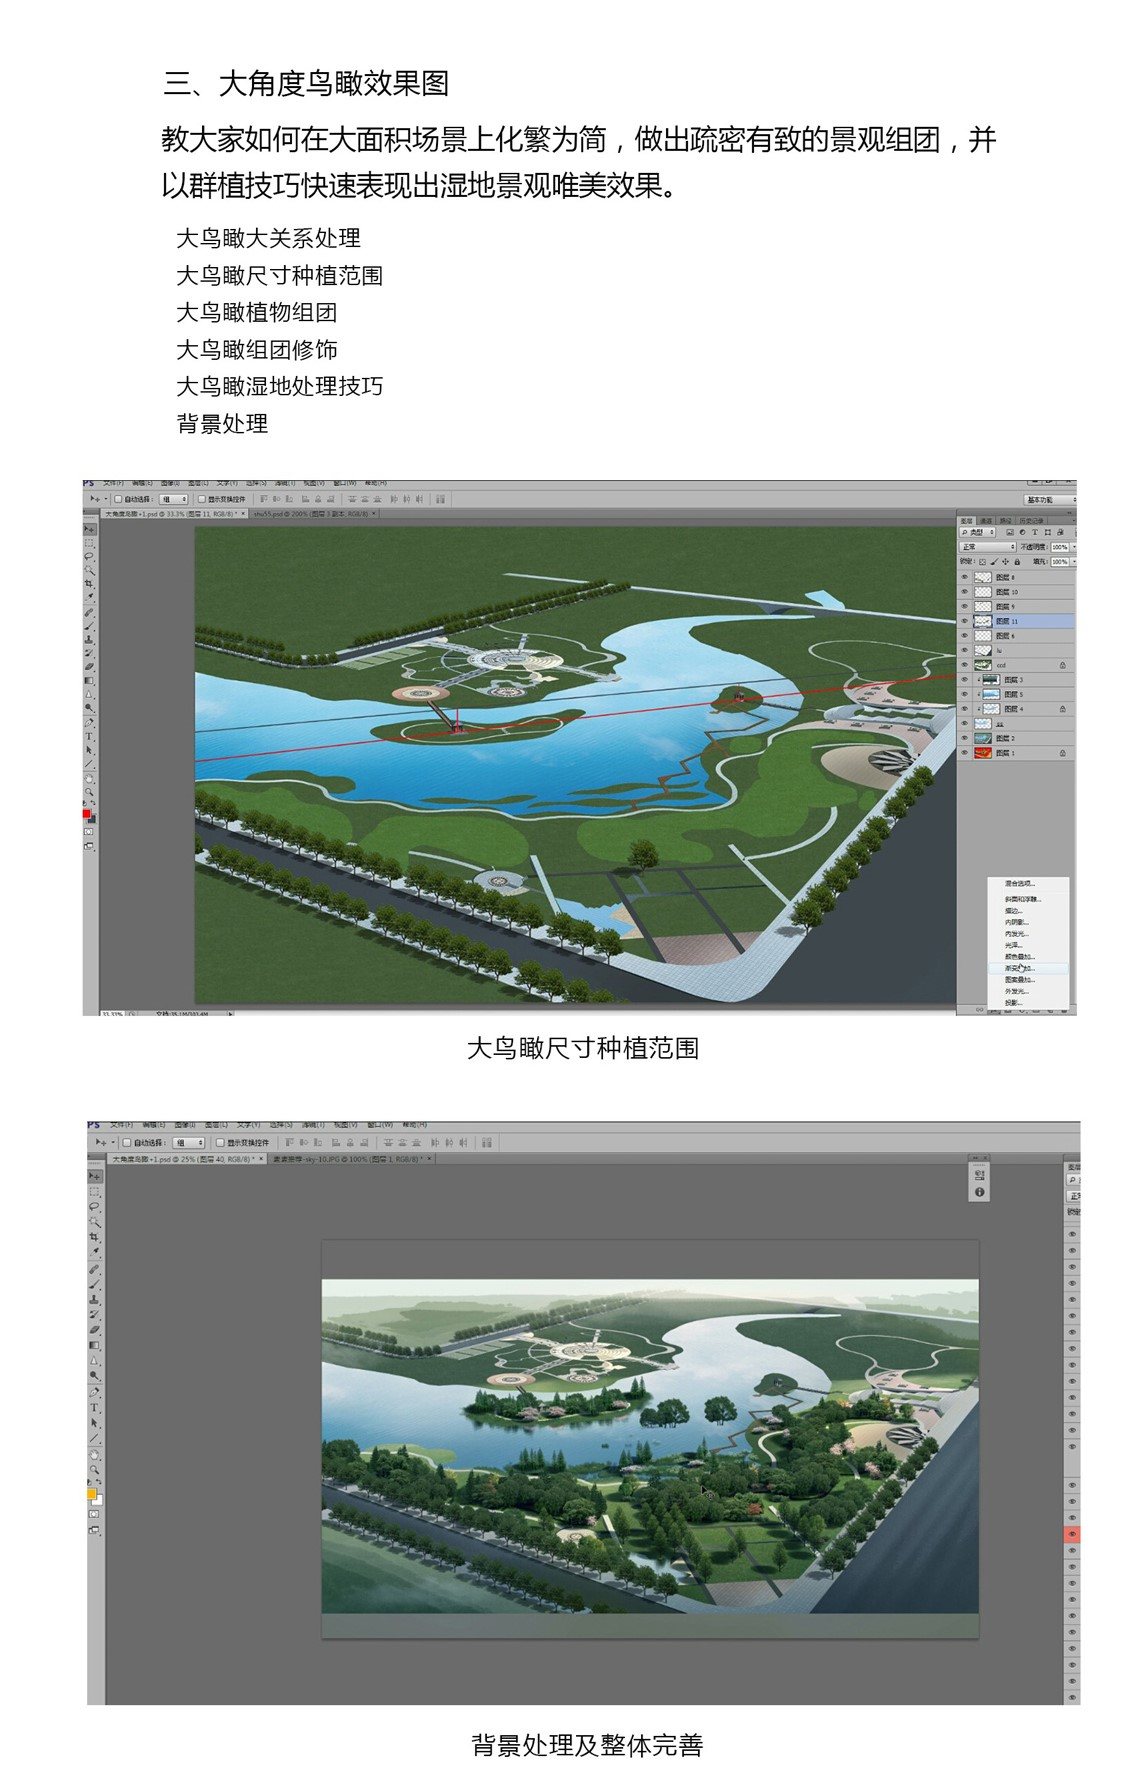 大角度鳥瞰效果圖,Photoshop景觀效果圖,景觀效果圖表現,ps景觀效果圖